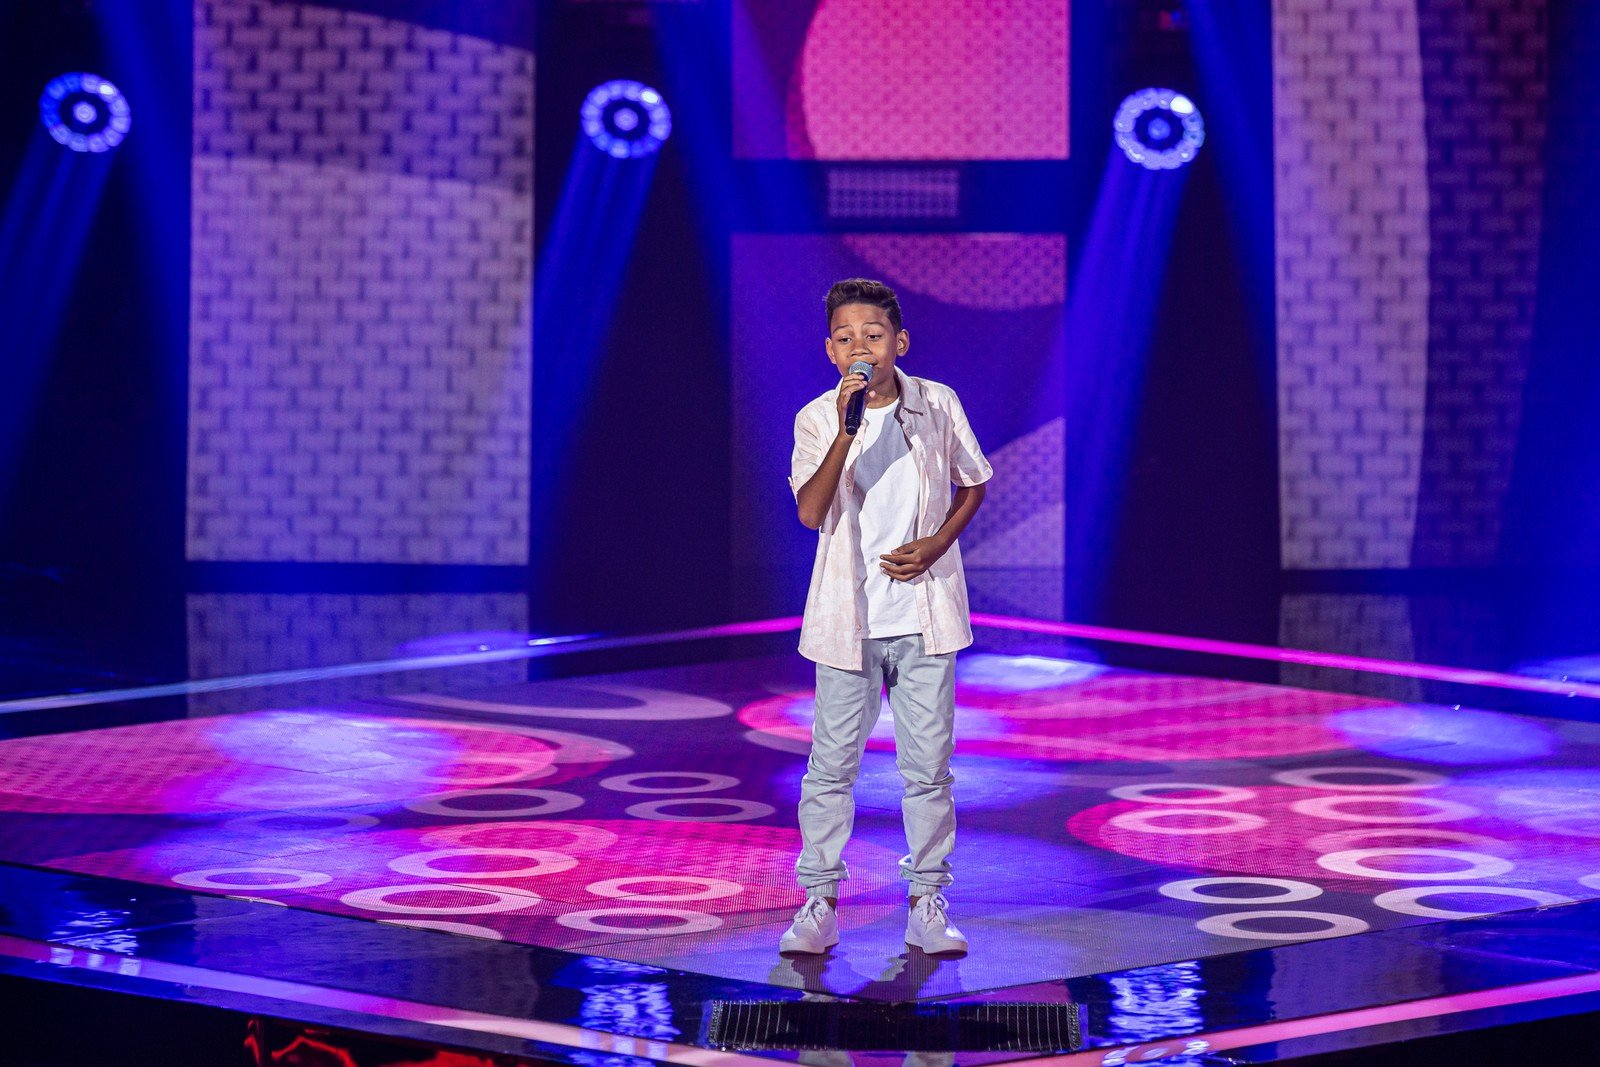 Capixaba Ranon Fernandes De 11 Anos Brilha No The Voice Kids A Gazeta